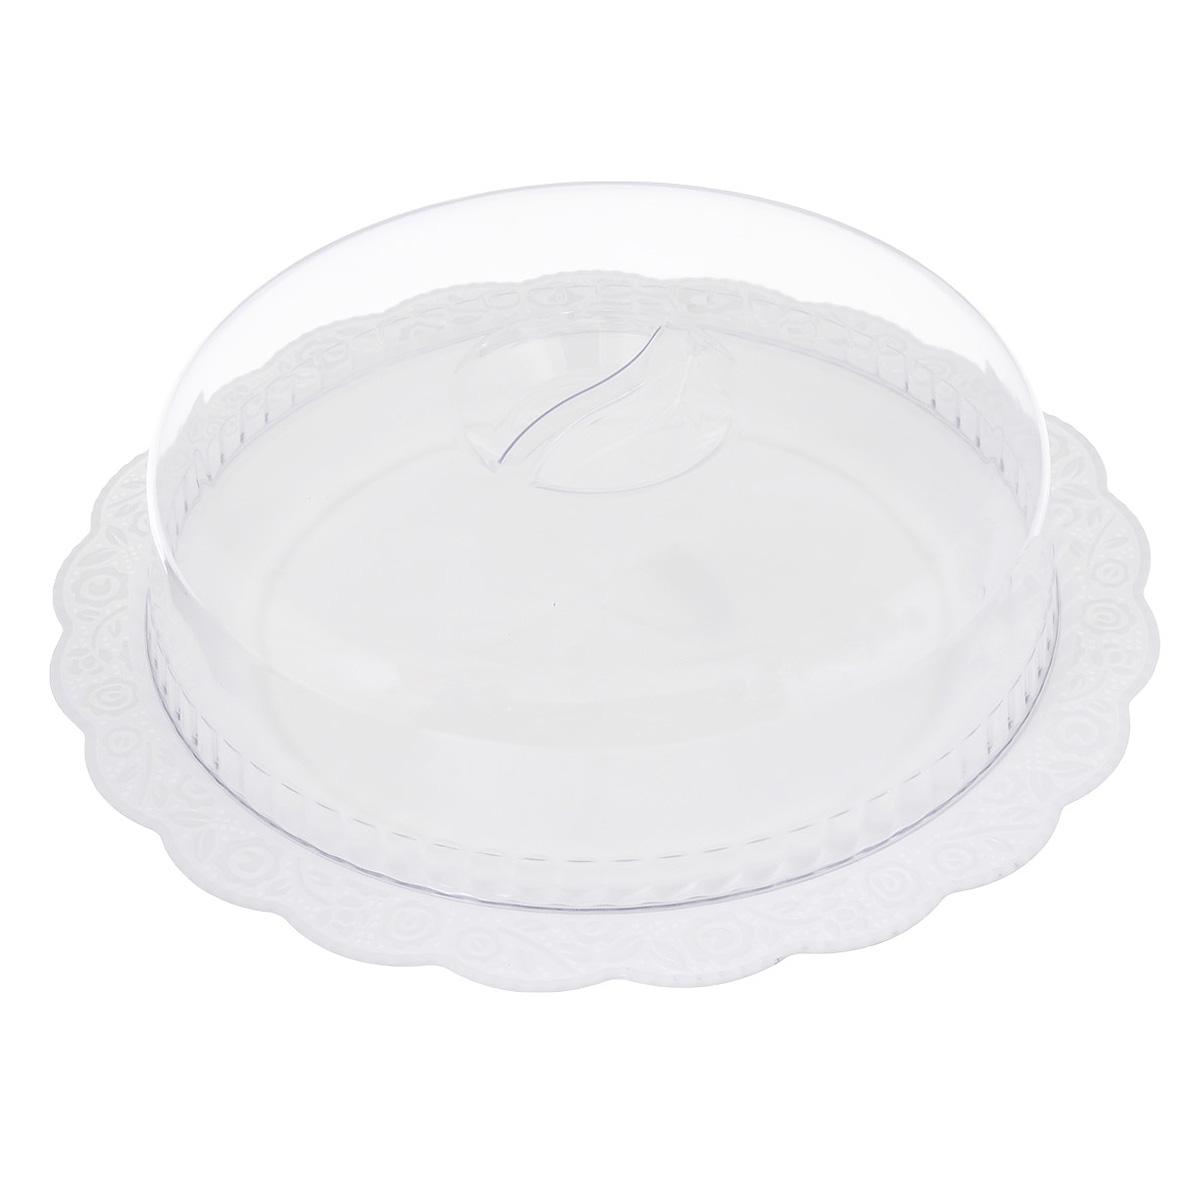 Блюдо Альтернатива Нежность, с крышкой, цвет: белый, прозрачный, 36,5 х 36,5 х 10 смМ1206Круглое блюдо Альтернатива Нежность выполнено из высококачественного пищевого пластика и оснащено прозрачной крышкой. Волнообразные края изделия оформлены красивым рельефным рисунком. Блюдо идеально для подачи торта, больших пирогов. Оригинальный дизайн блюда придется по вкусу и ценителям классики, и тем, кто предпочитает утонченность и изысканность. Такое блюдо настроит на позитивный лад и подарит хорошее настроение всем, кто любит готовить. Внутренний диаметр блюда: 28 см. Общий размер блюда (с учетом крышки): 36,5 см х 36,5 см х 10 см.